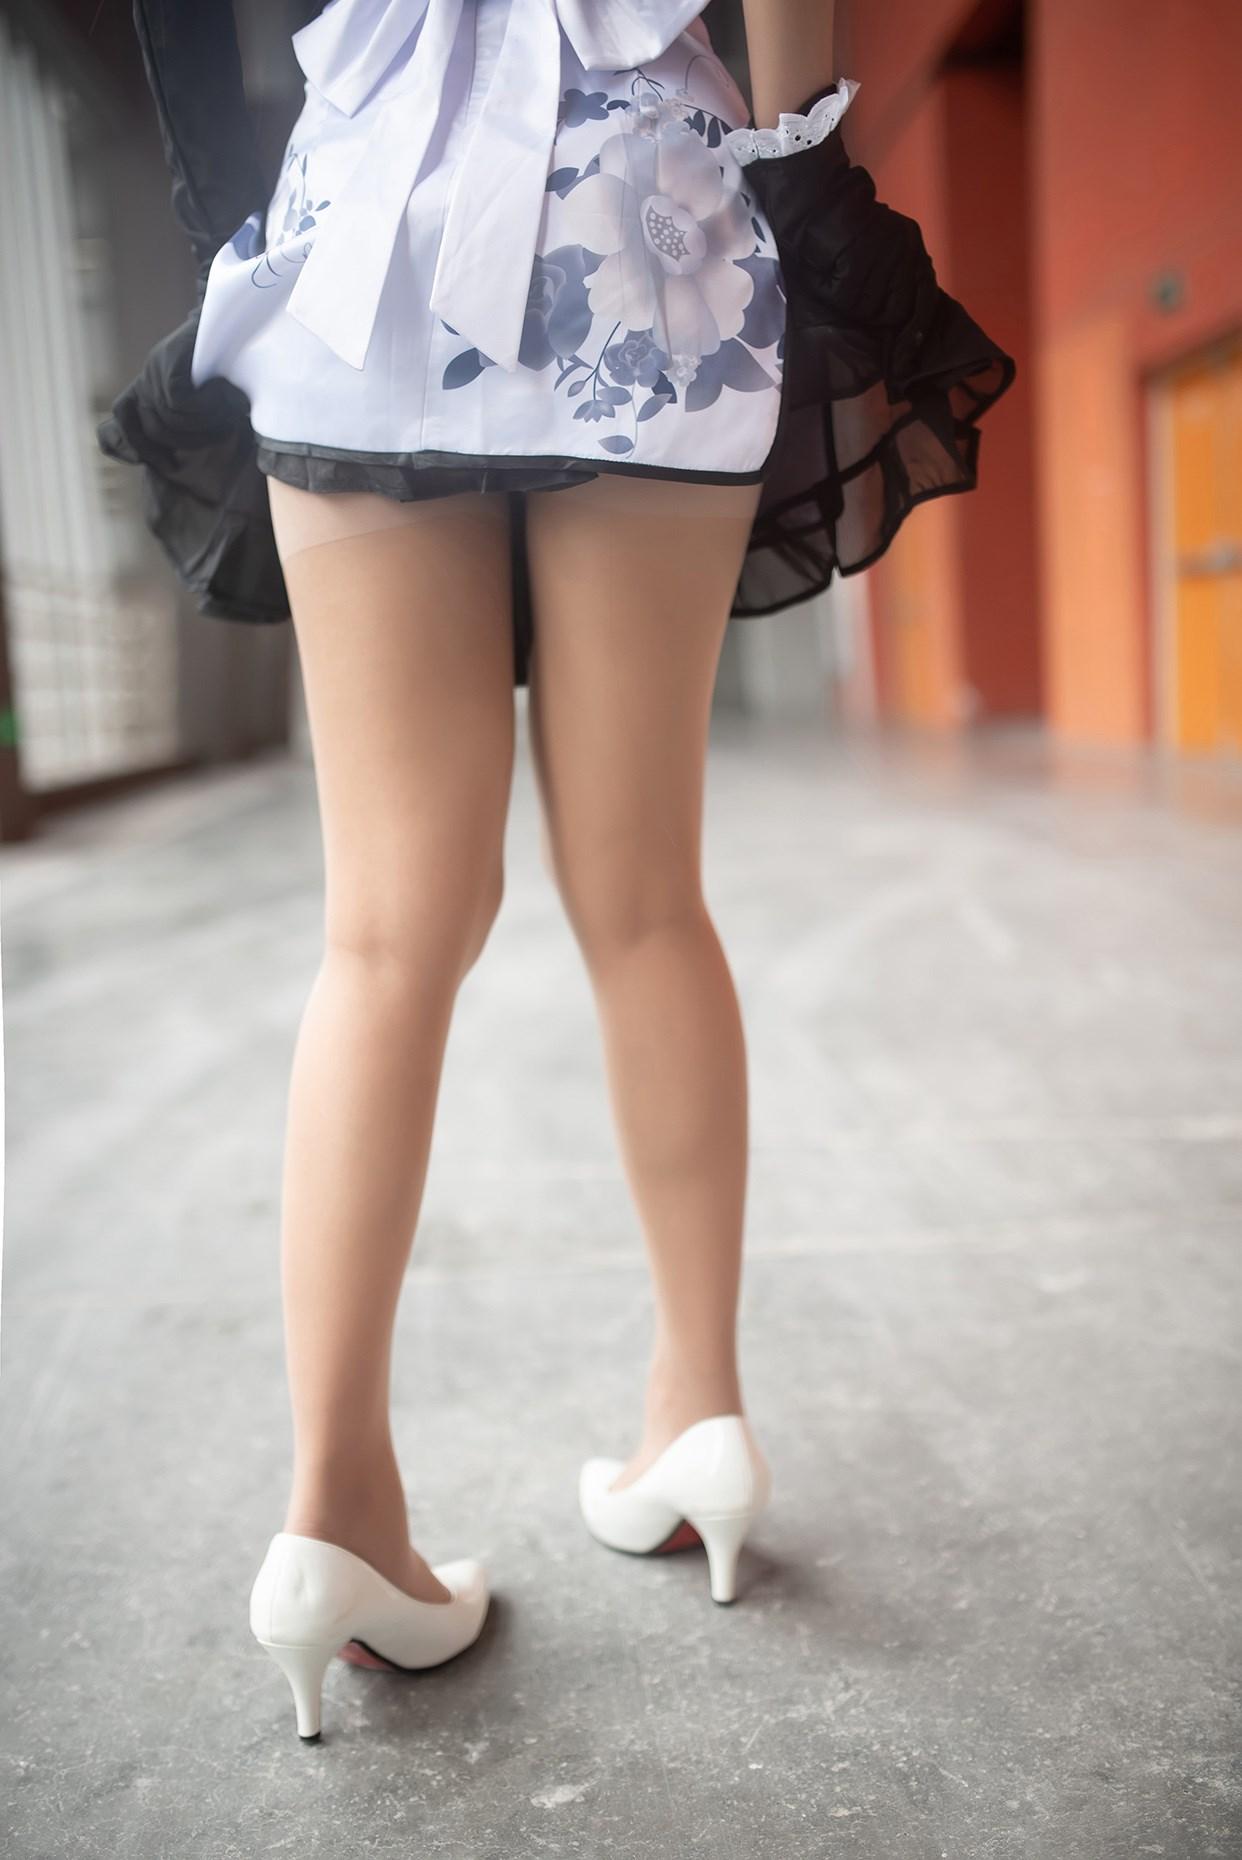 【兔玩映画】肉丝旗袍 兔玩映画 第34张